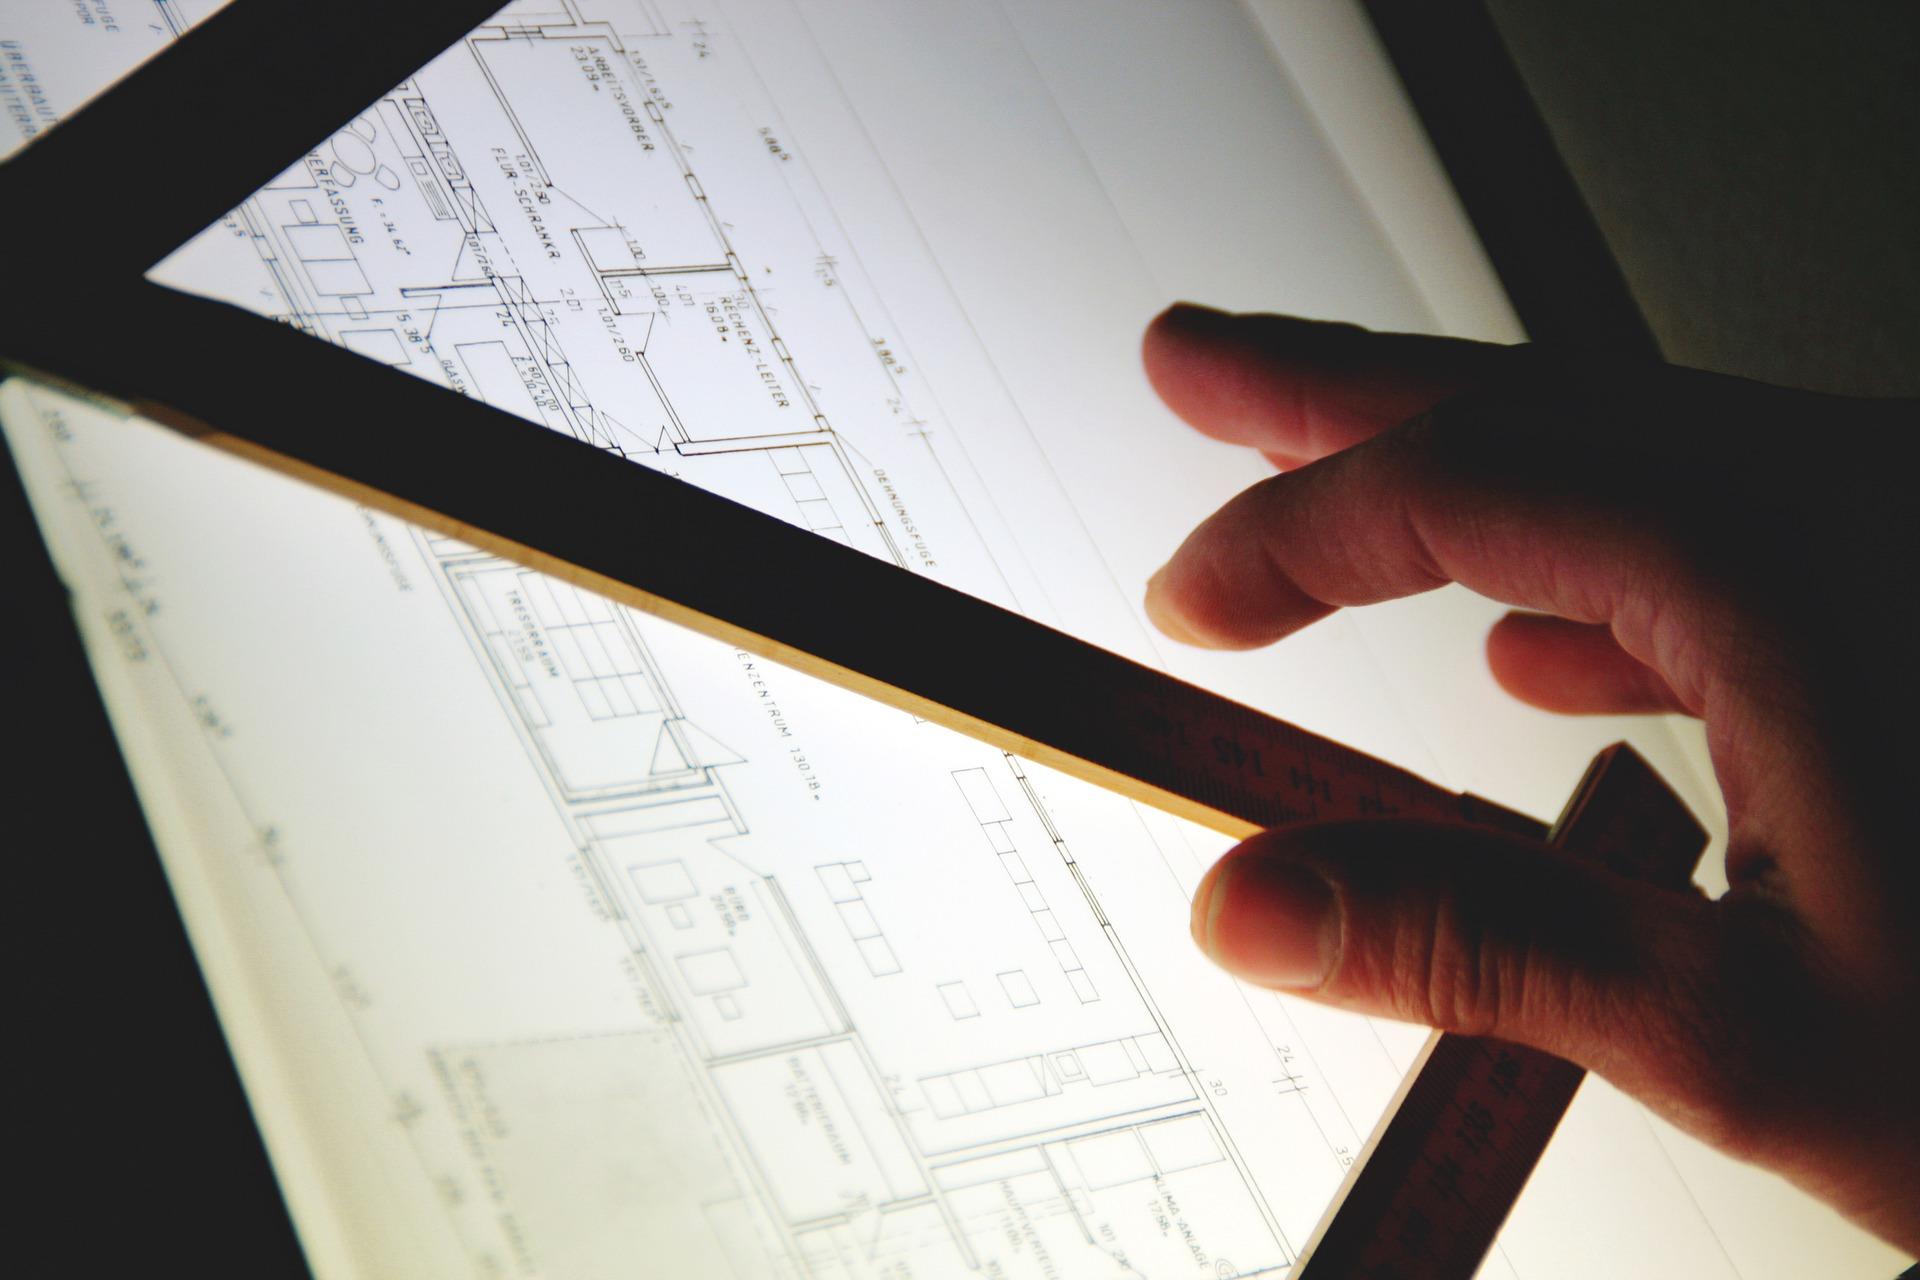 Liste Ordre Des Architectes qu'est-ce que l'ordre des architectes ? - blog archibien